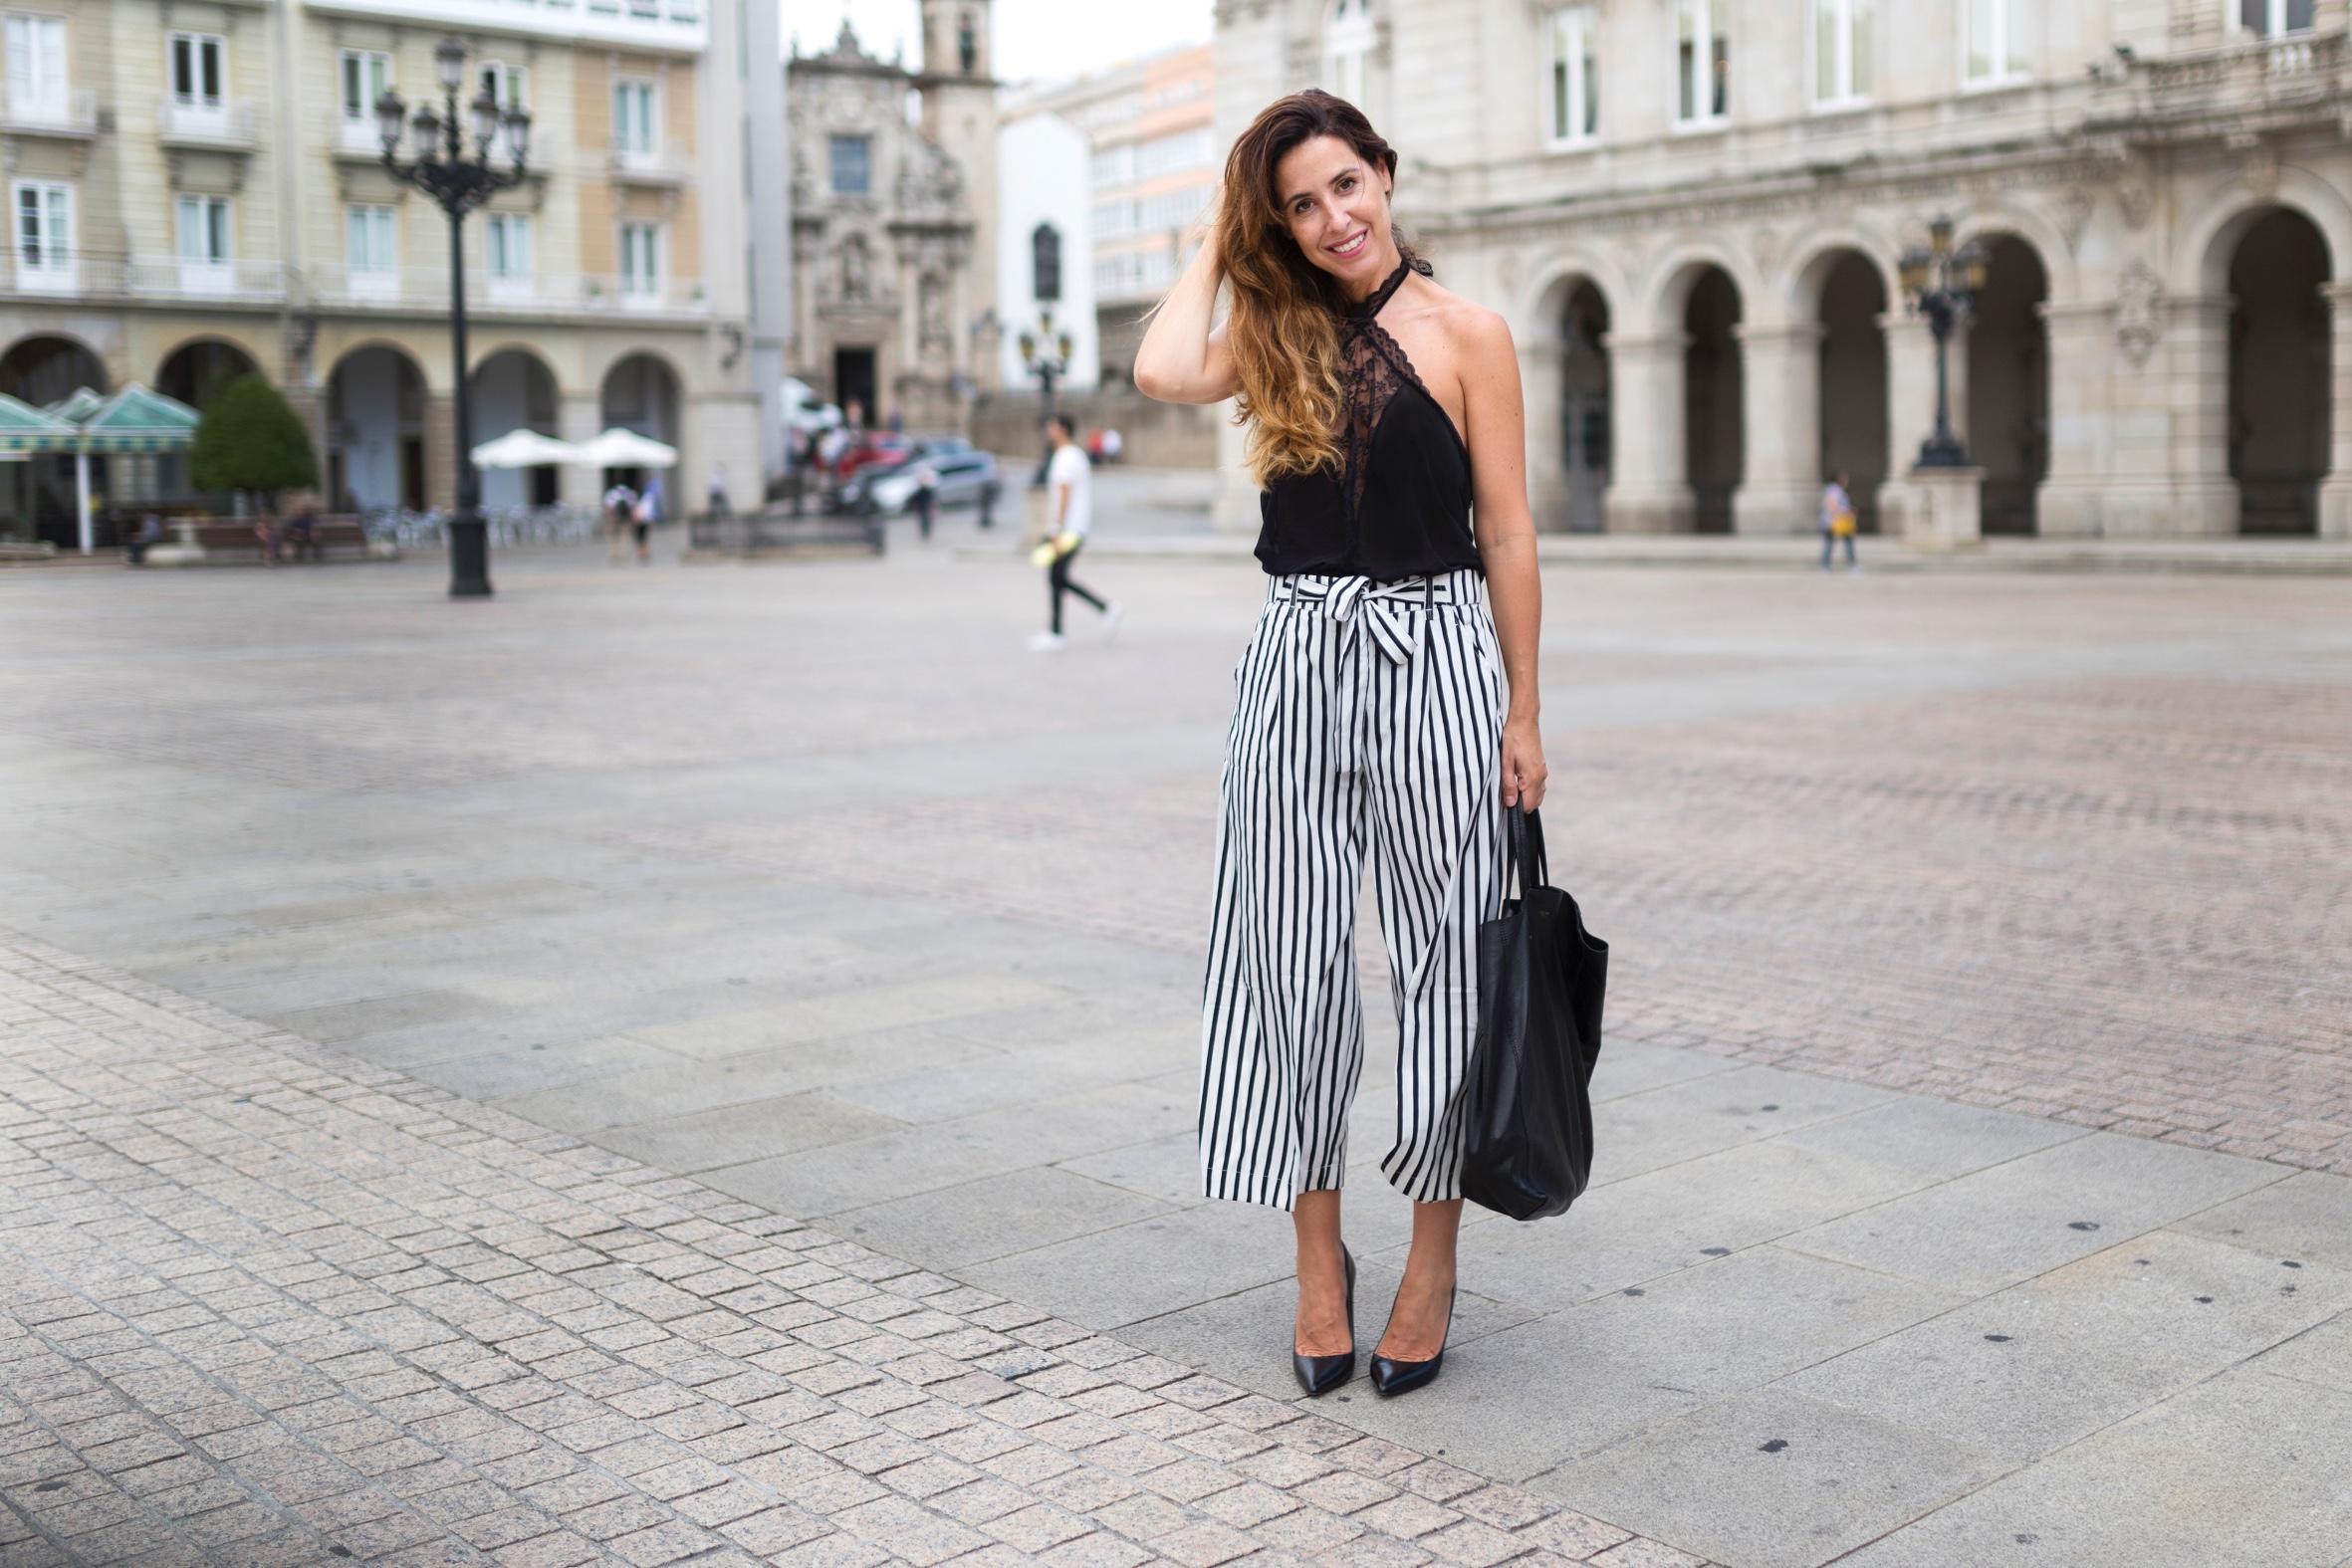 blogger-passionatagirls-blogger-descalzaporelparque-volver a la rutina- Passionata- lencería- mono lencero- streetstyle- coruña- Céline bag